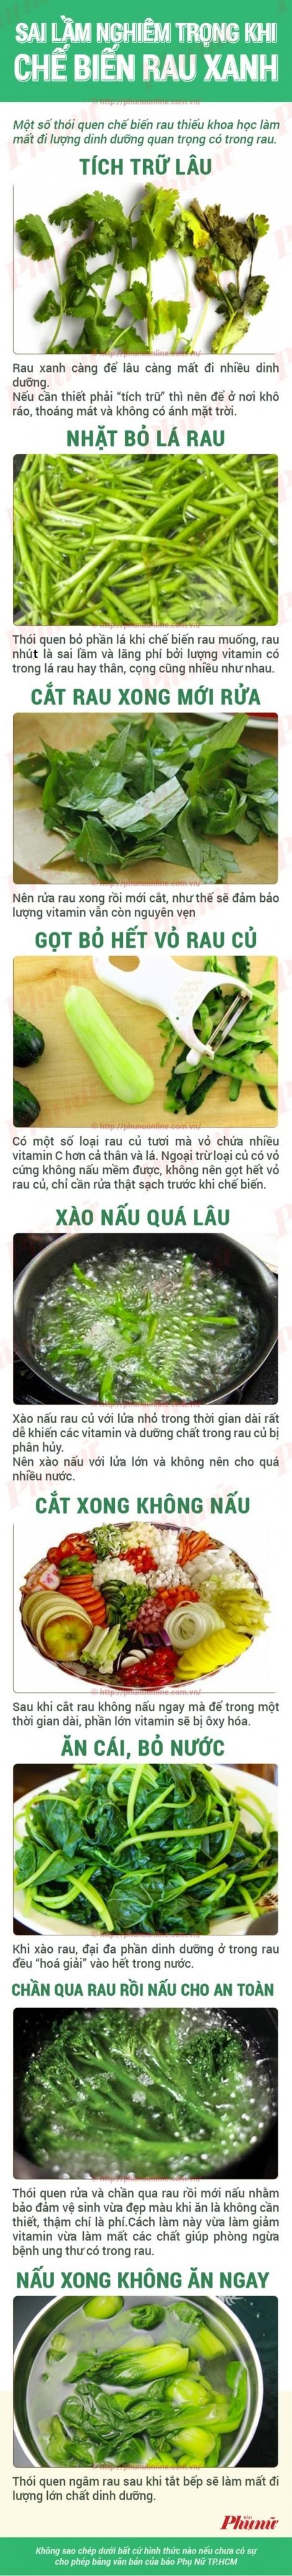 Cách sơ chế rau củ quả tốt cho sức khỏe